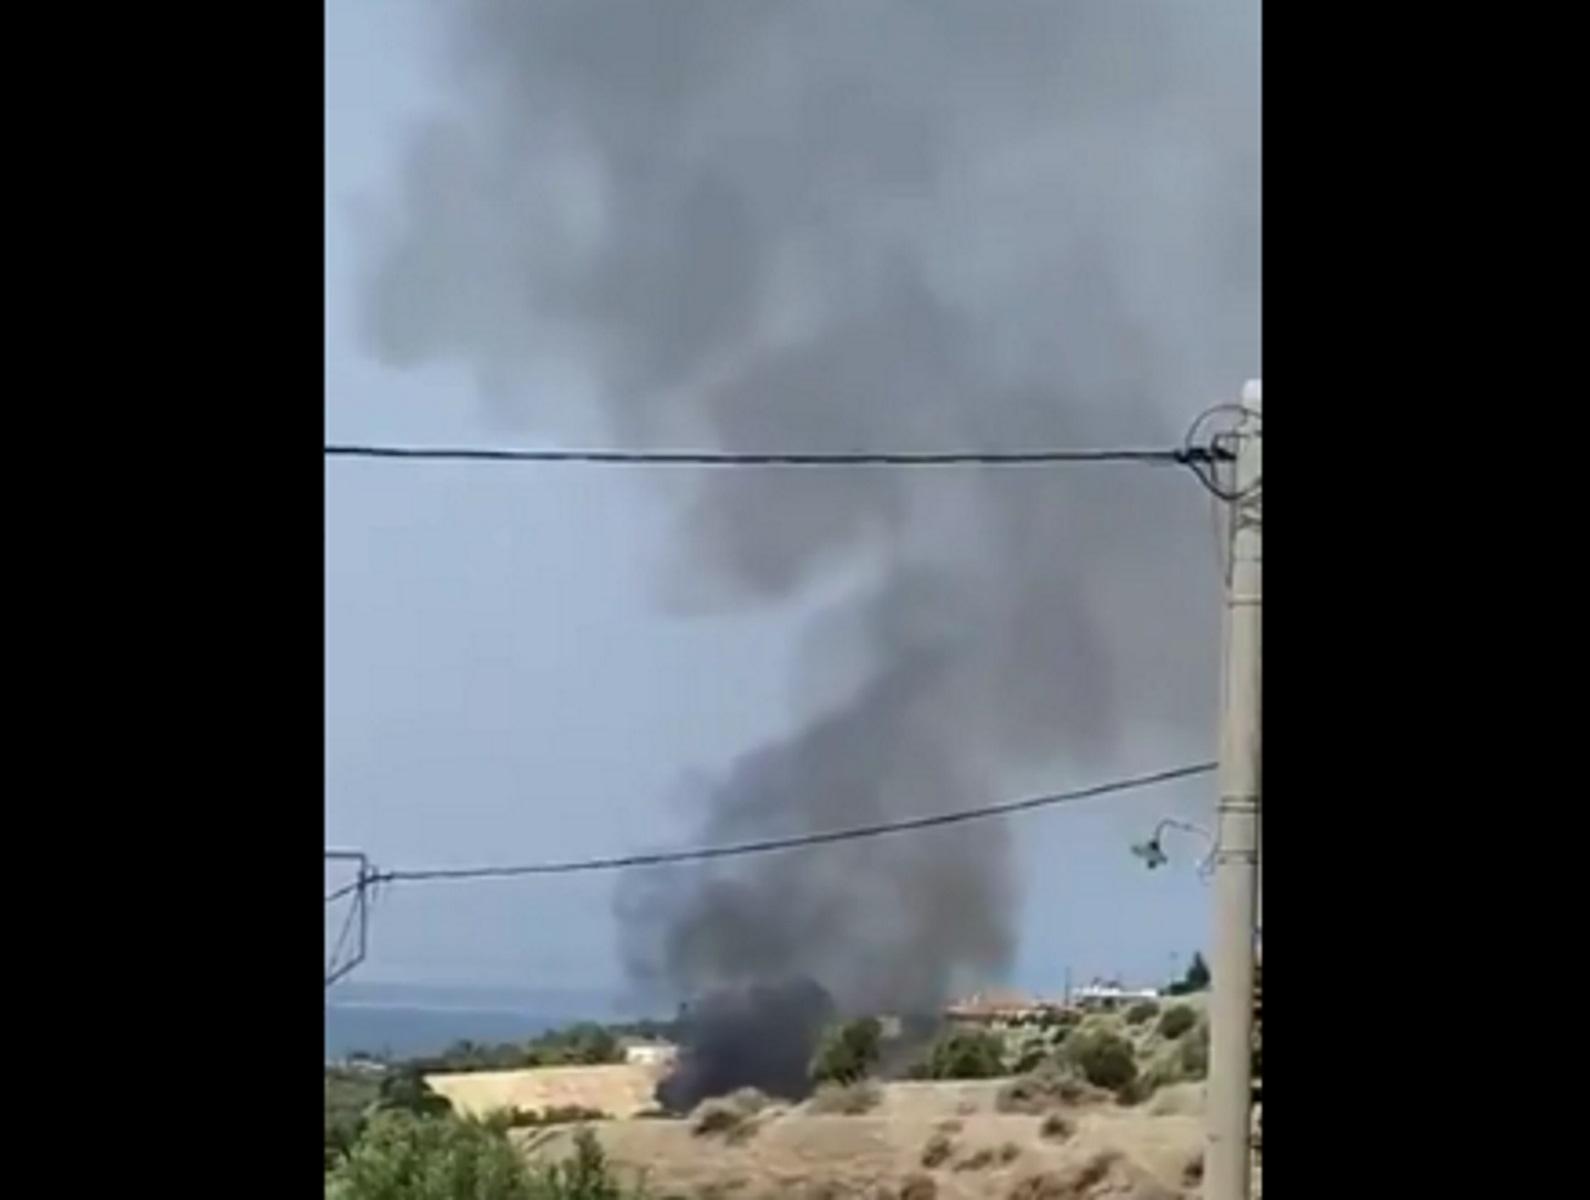 Φωτιά τώρα στο Αλεποχώρι – Εικόνες από το σημείο